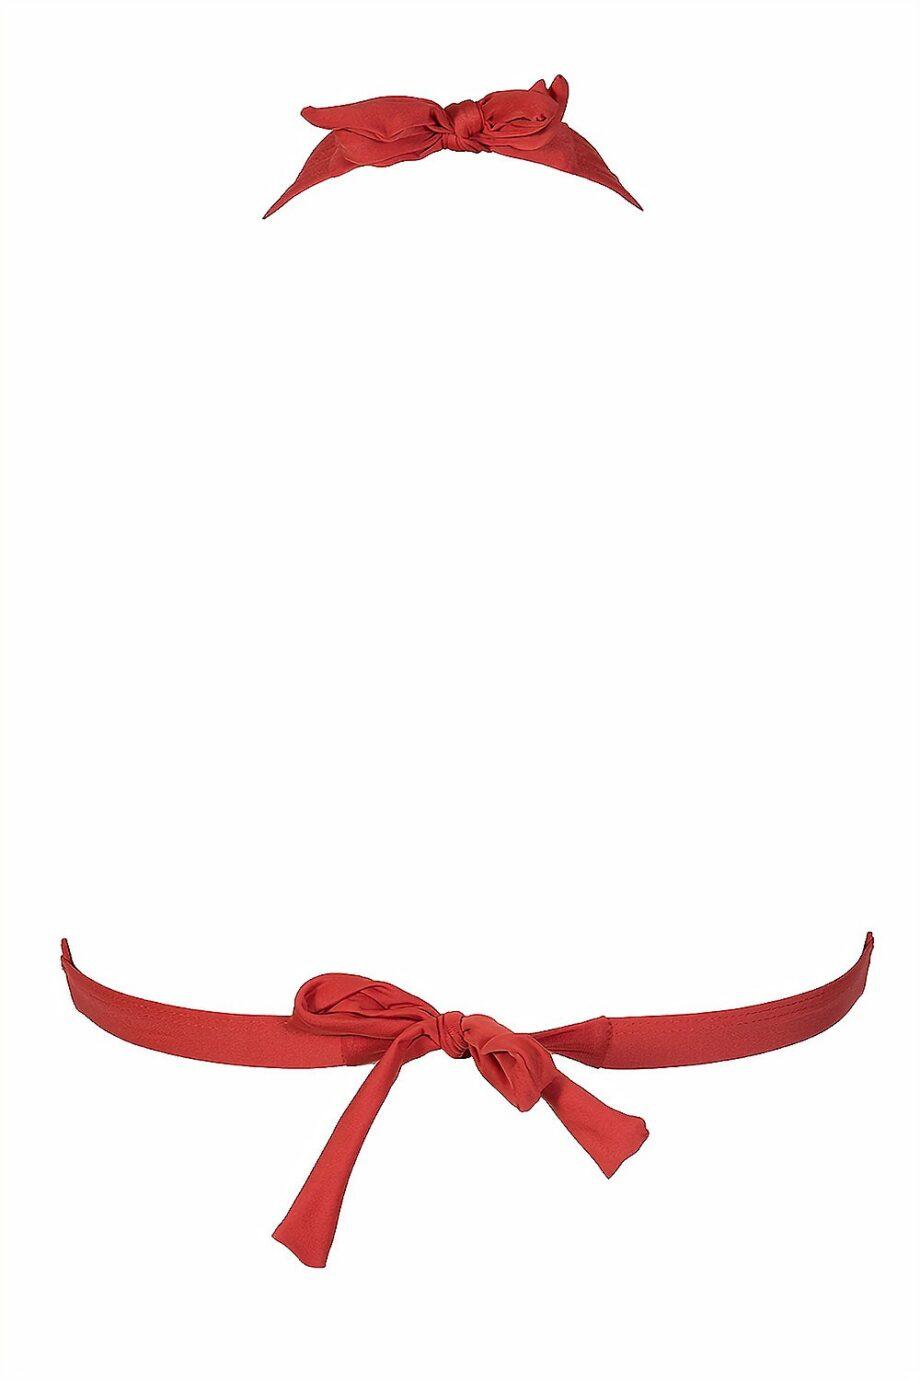 Γυναικείο-Μαγιό-Bikini-Top-BLU4U-solids-basic-Κόκκινο-Back-CupD-.jpg